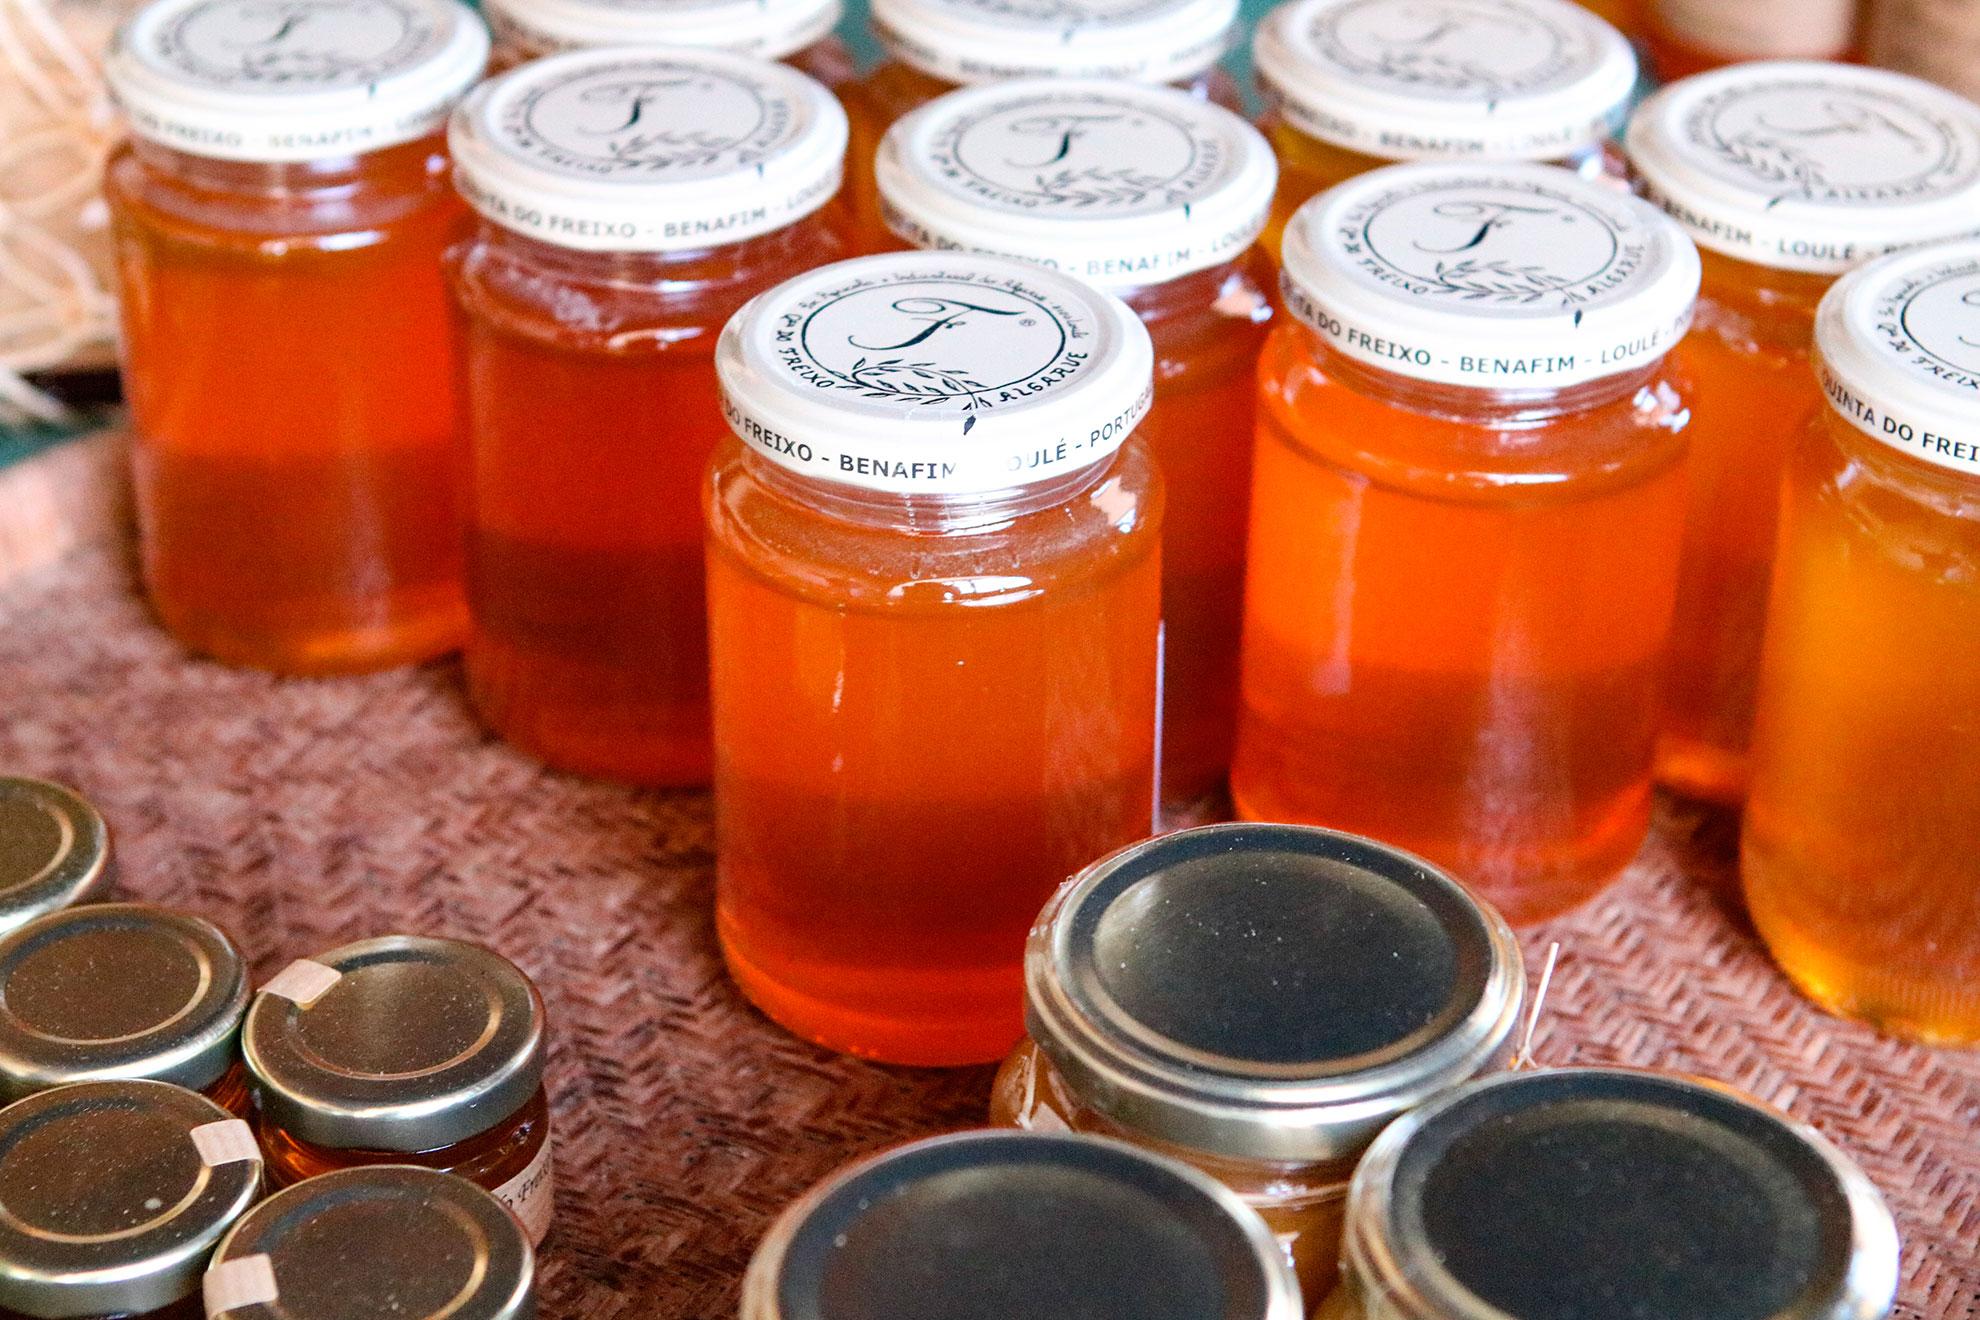 honey_bee_mel_produto_local_quinta_do_freixo_saudavel_algarve_tour_produto_regional